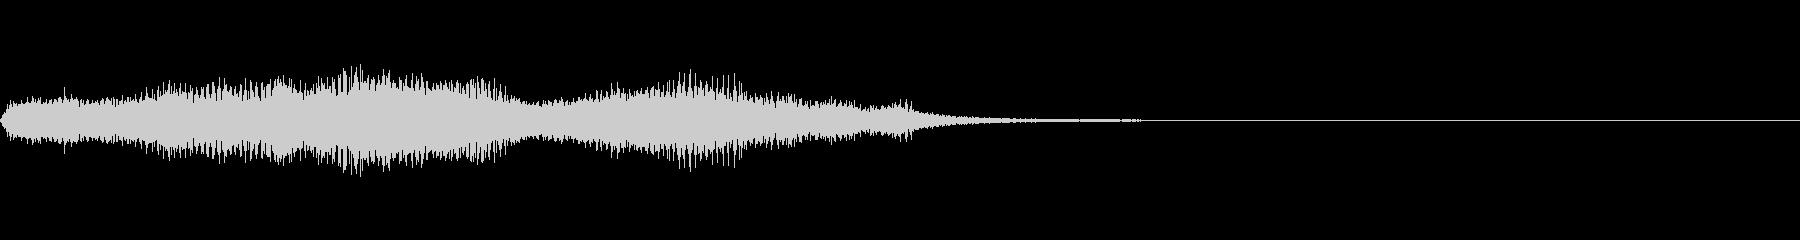 ショッキング(ホラー・ノイズ有り)8の未再生の波形